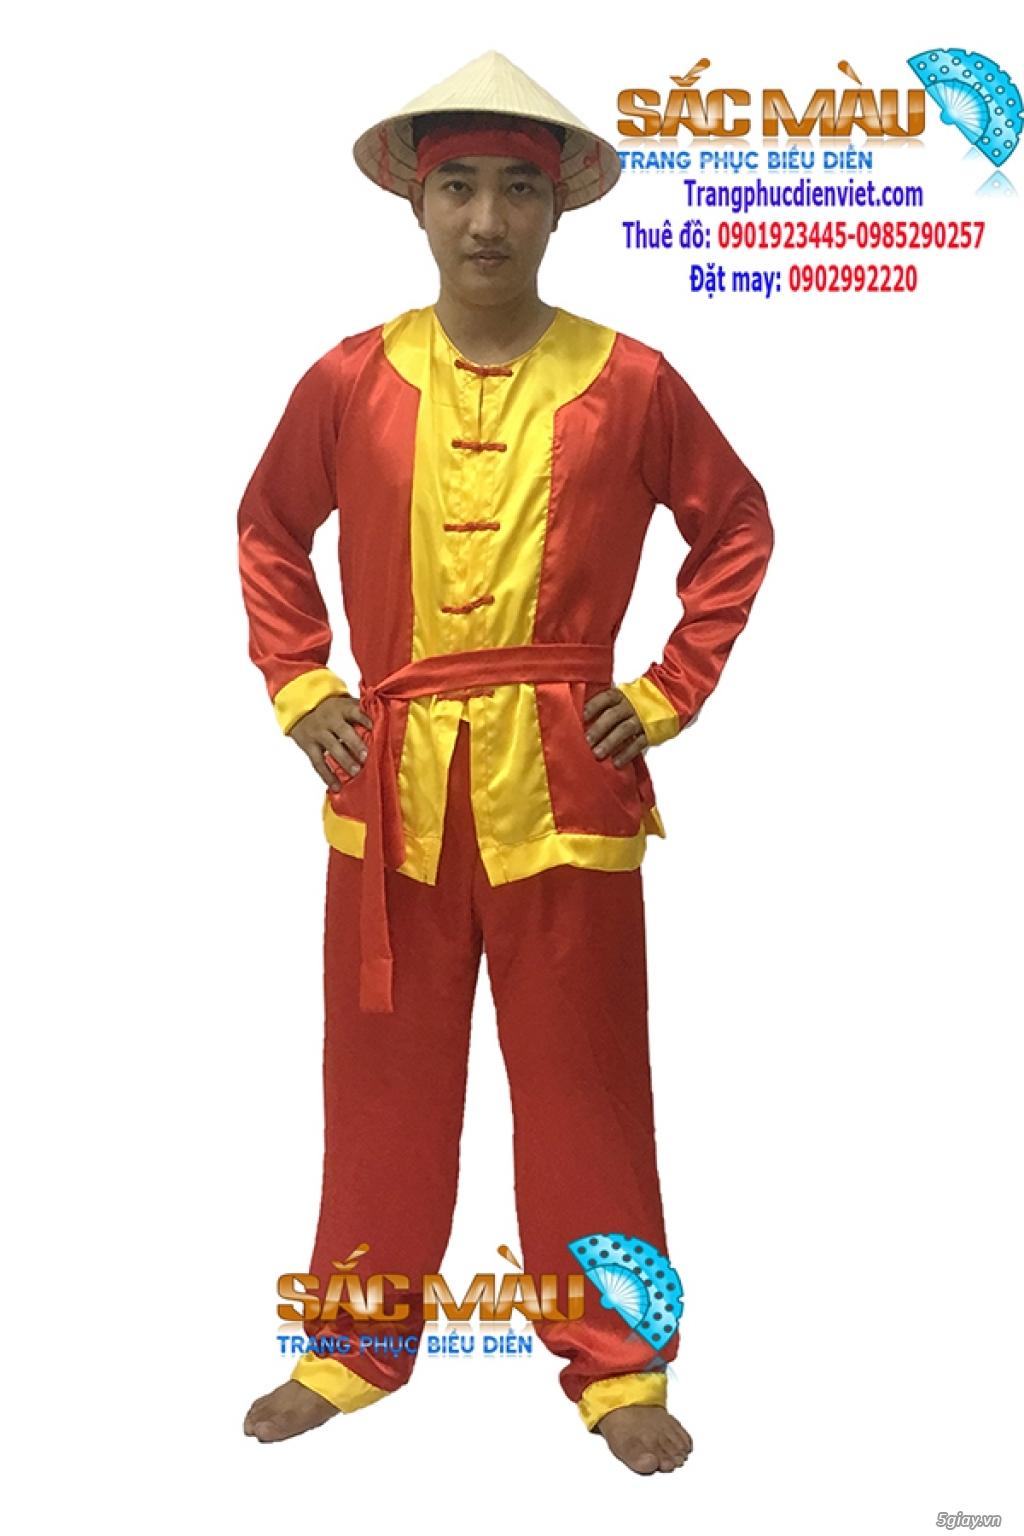 Cho thuê trang phục lính tây sơn giá rẻ quận 12, tphcm - 3